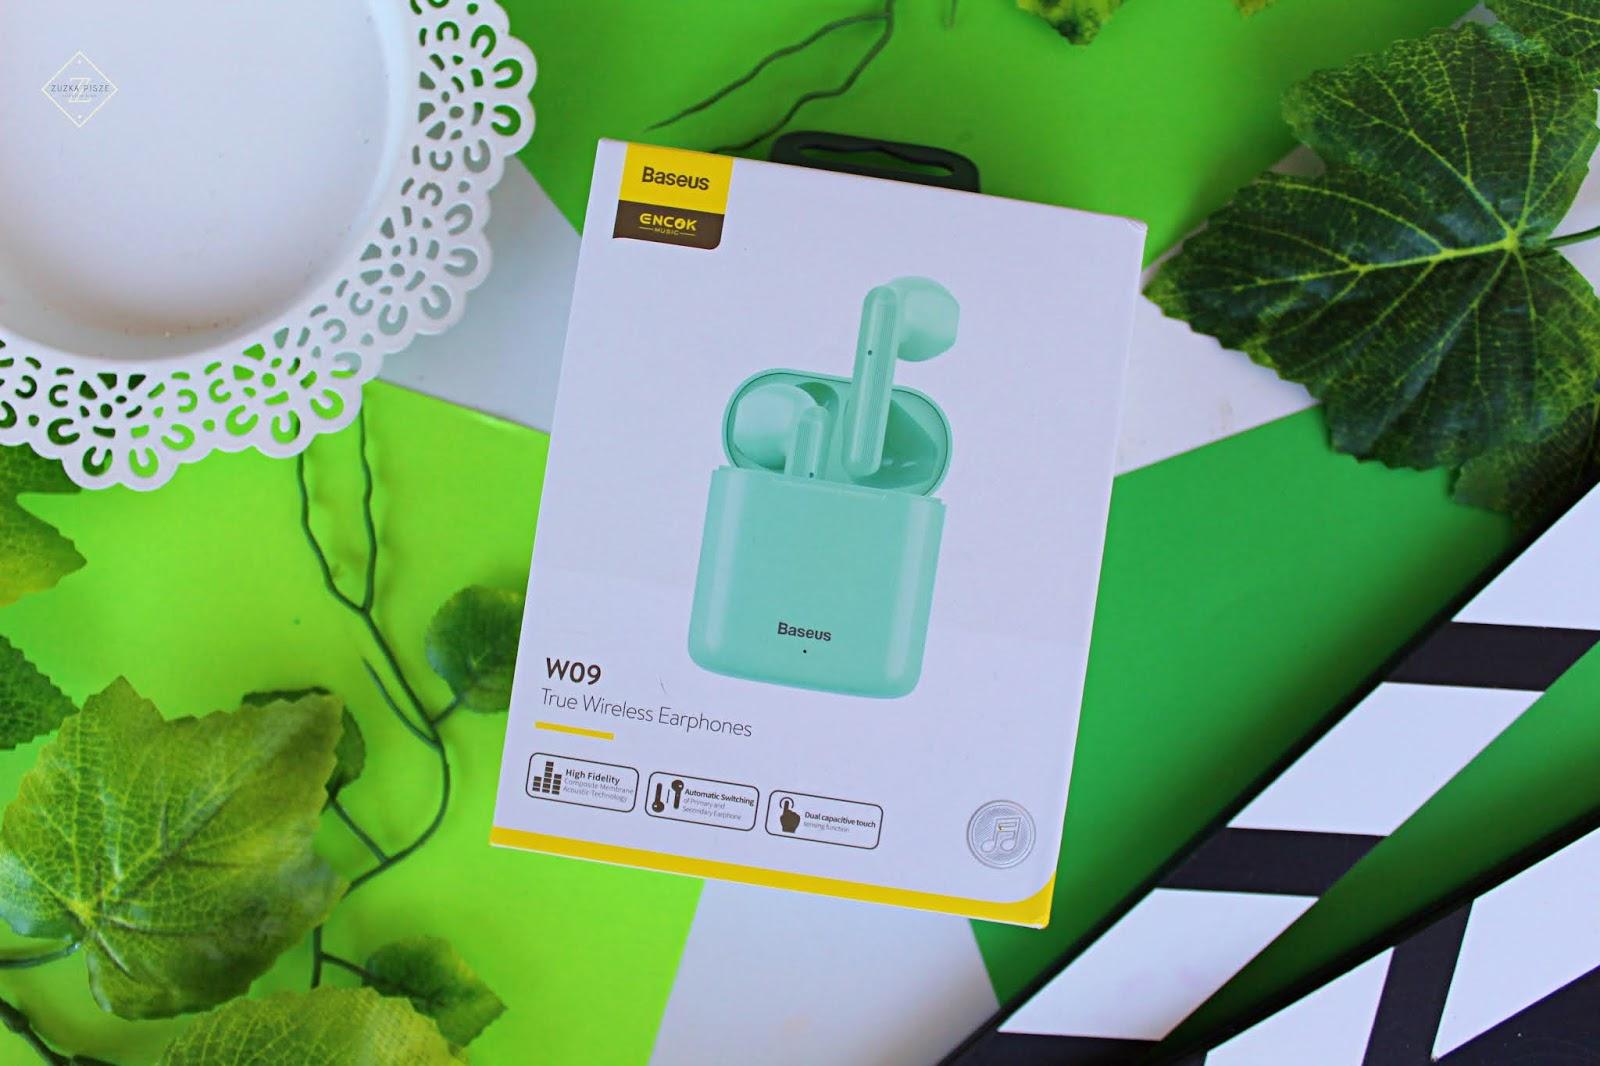 Bezprzewodowe słuchawki Baseus W09 TWS zielone - IziGSM